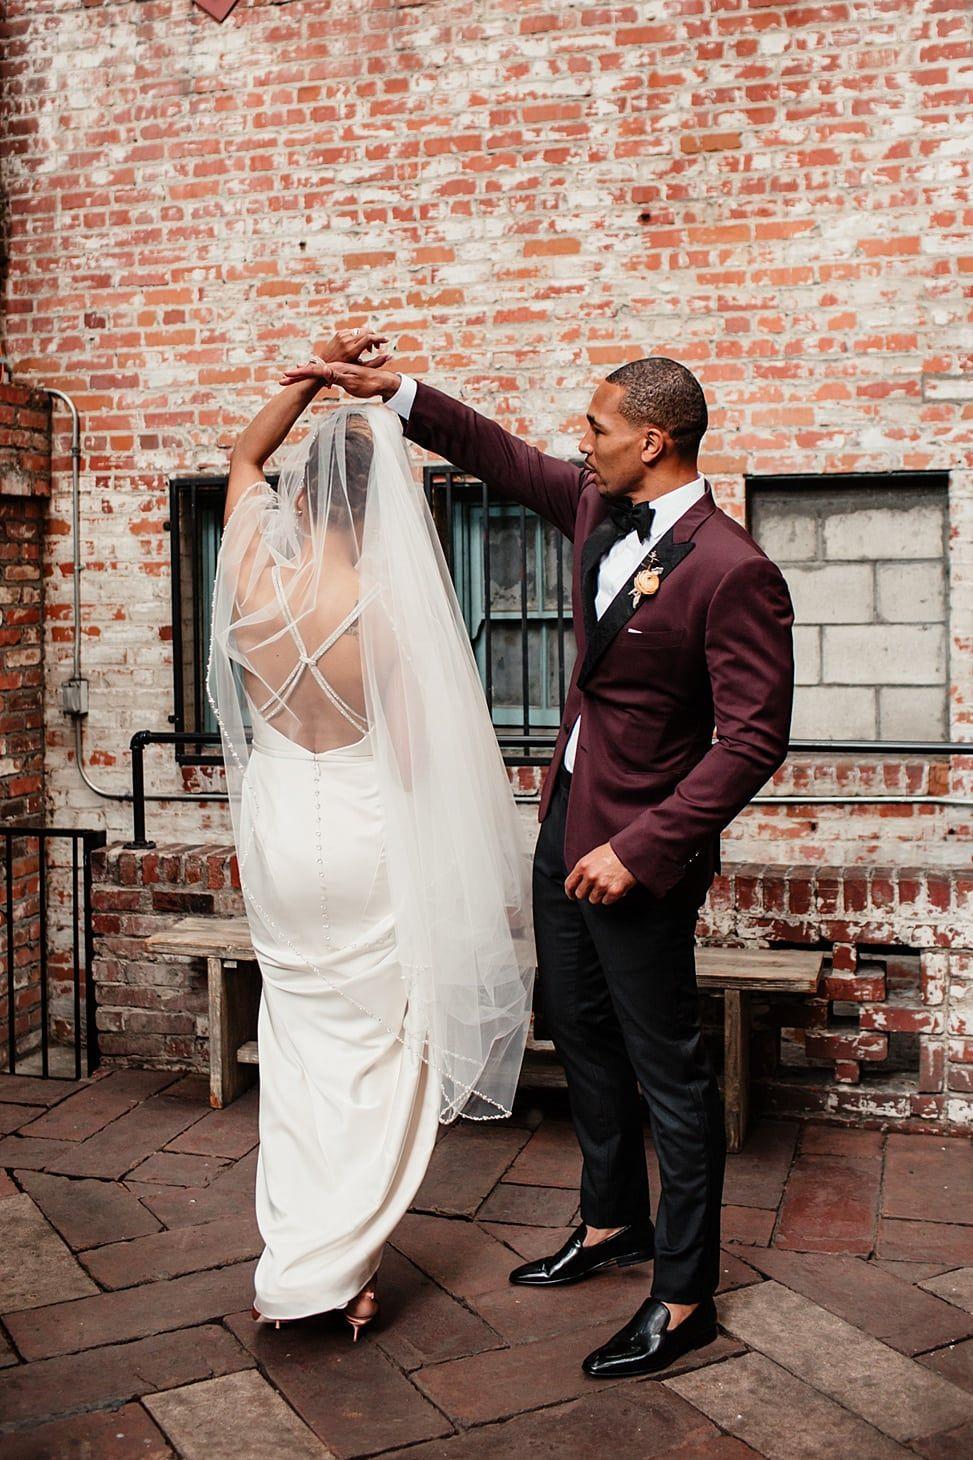 Our 45k La Wedding Was Glamaf A Practical Wedding Practical Wedding La Wedding Carondelet House Wedding